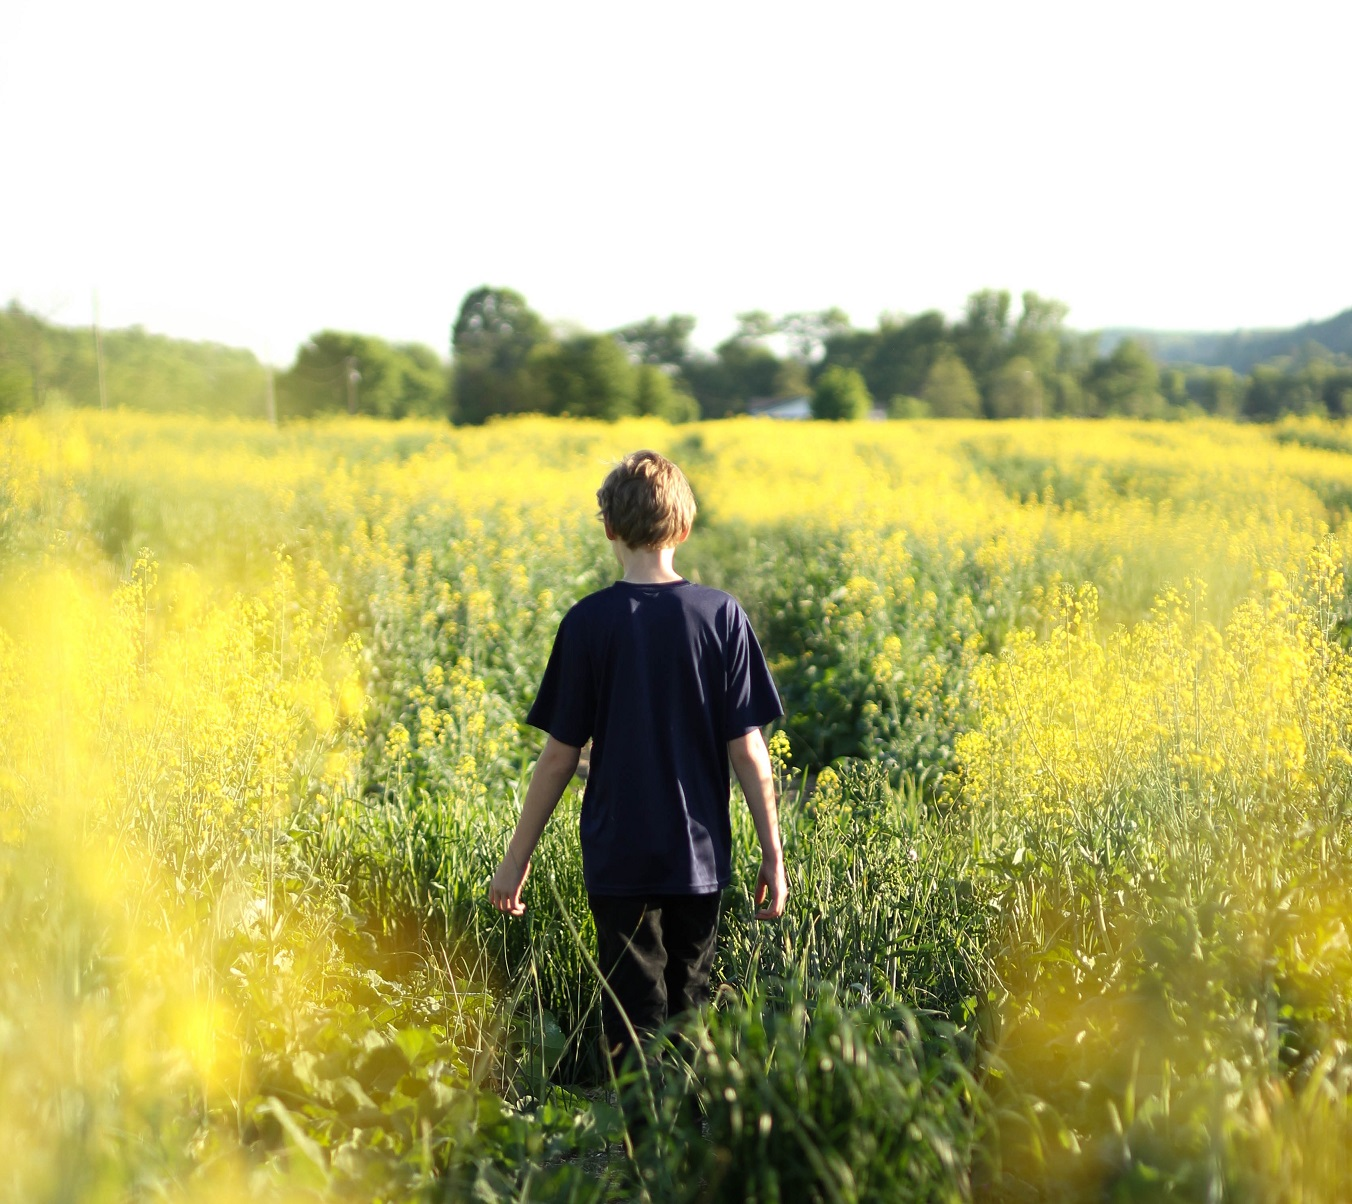 child walking through grass